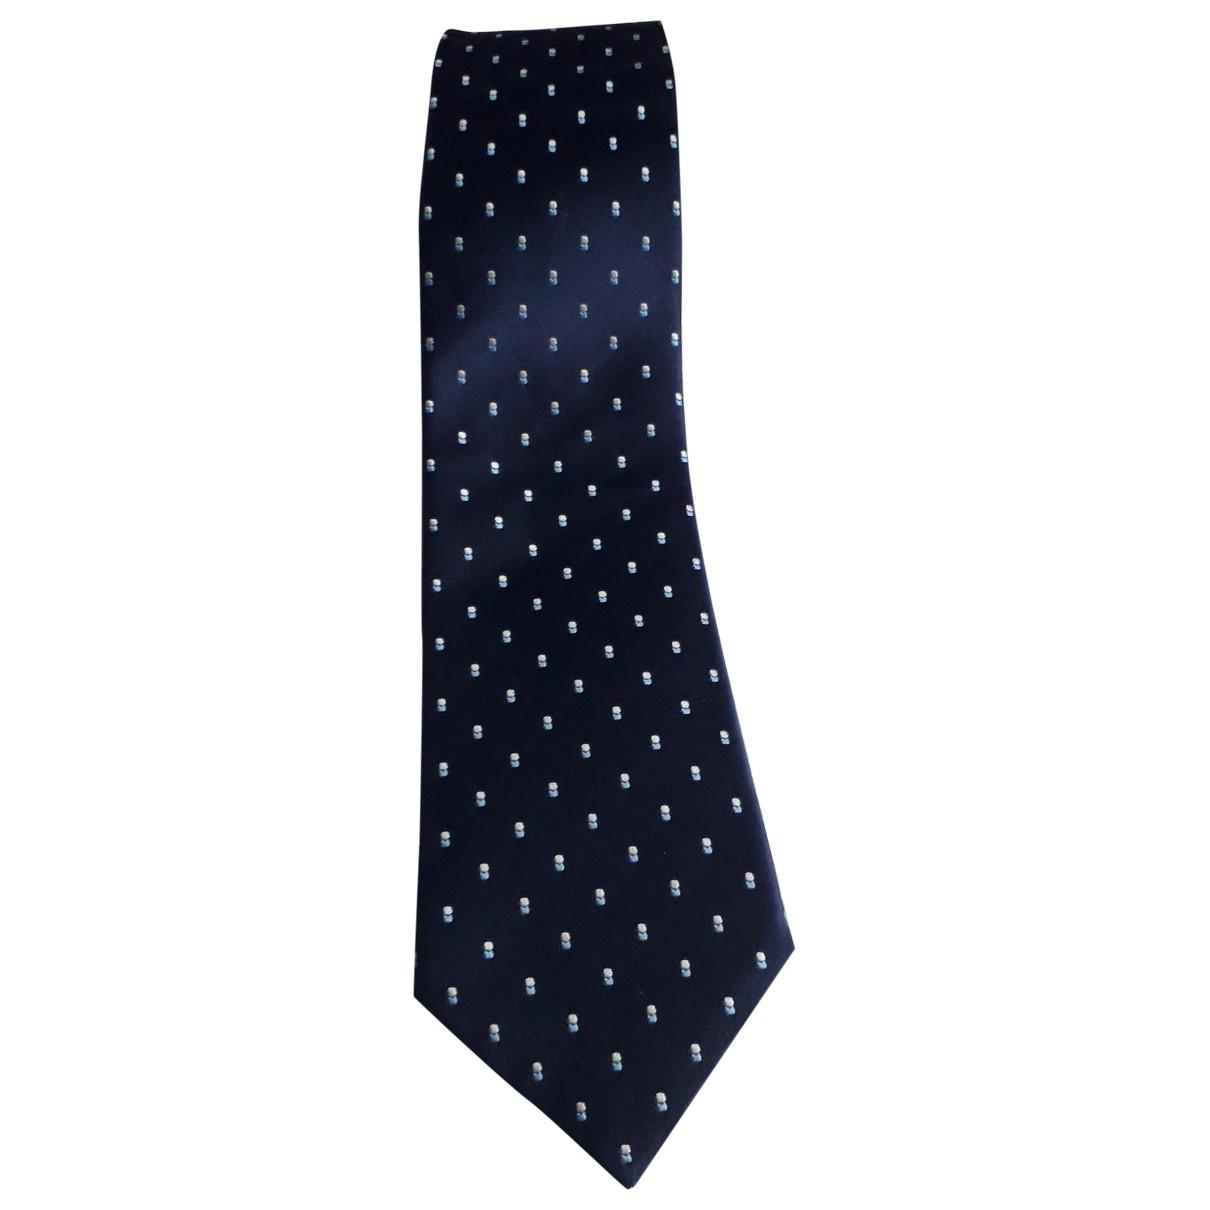 Louis Vuitton - Cravates   pour homme en soie - marine